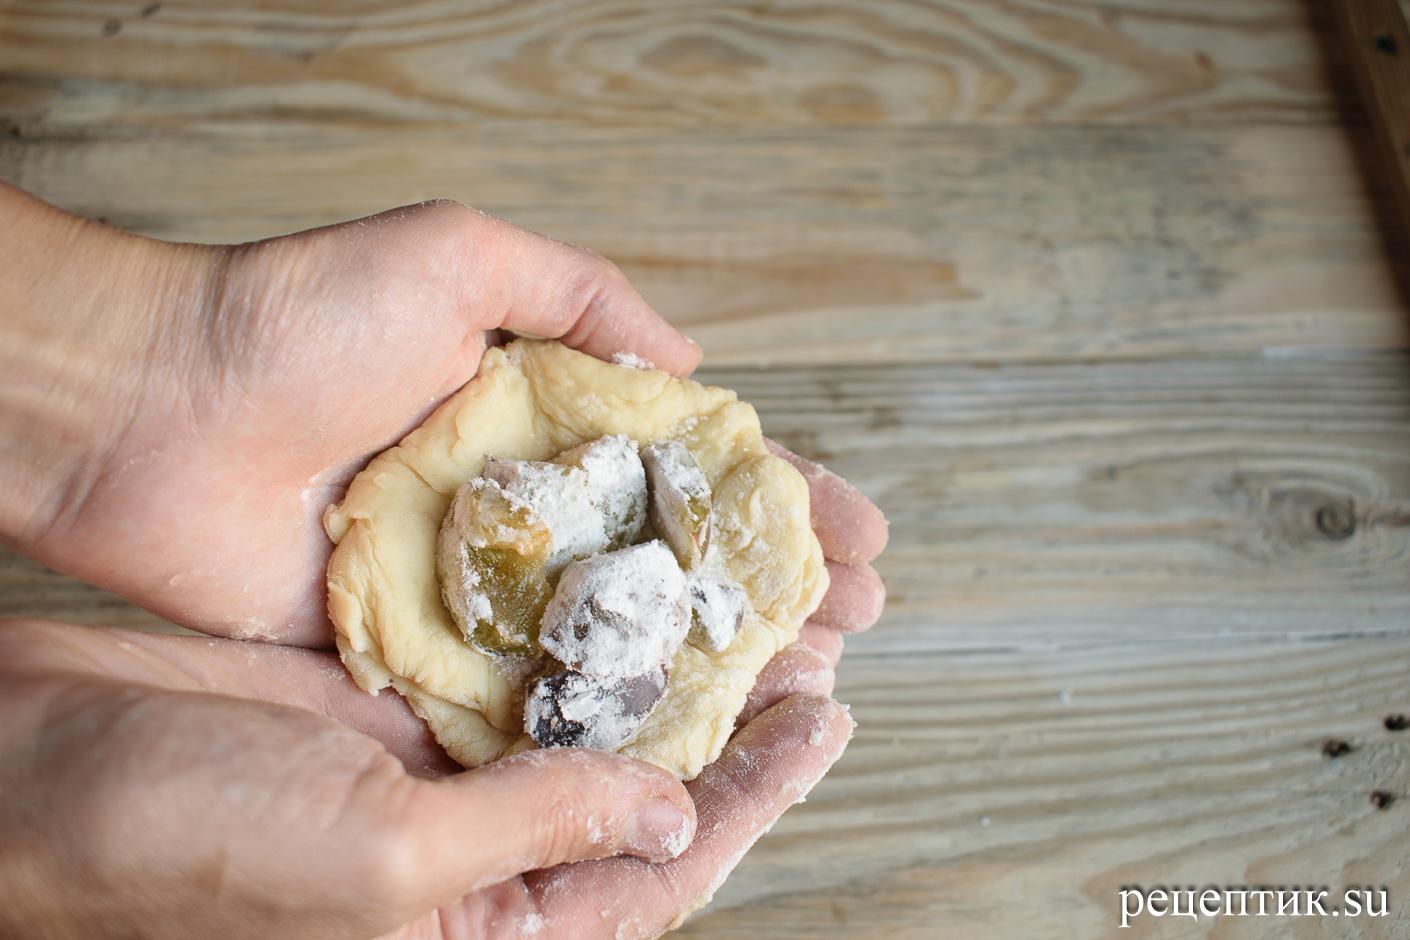 Дрожжевые пирожки со сливами в духовке - рецепт с фото, шаг 10